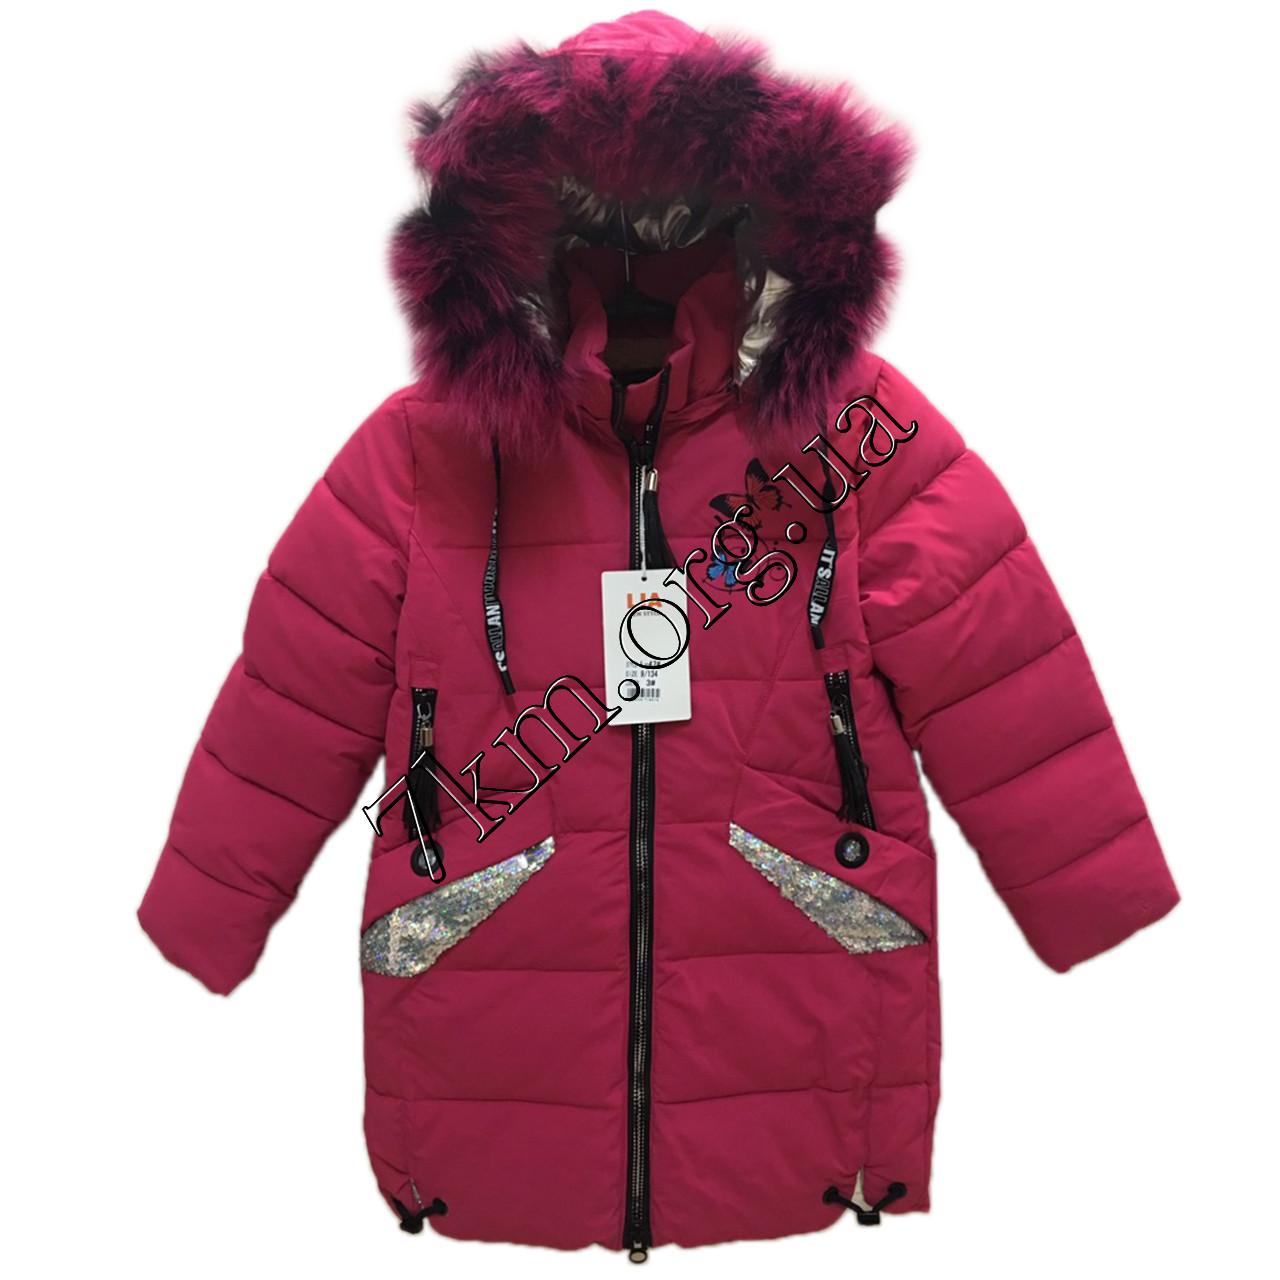 Куртка підліткова для дівчаток 122-146 див. Україна Оптом 261102